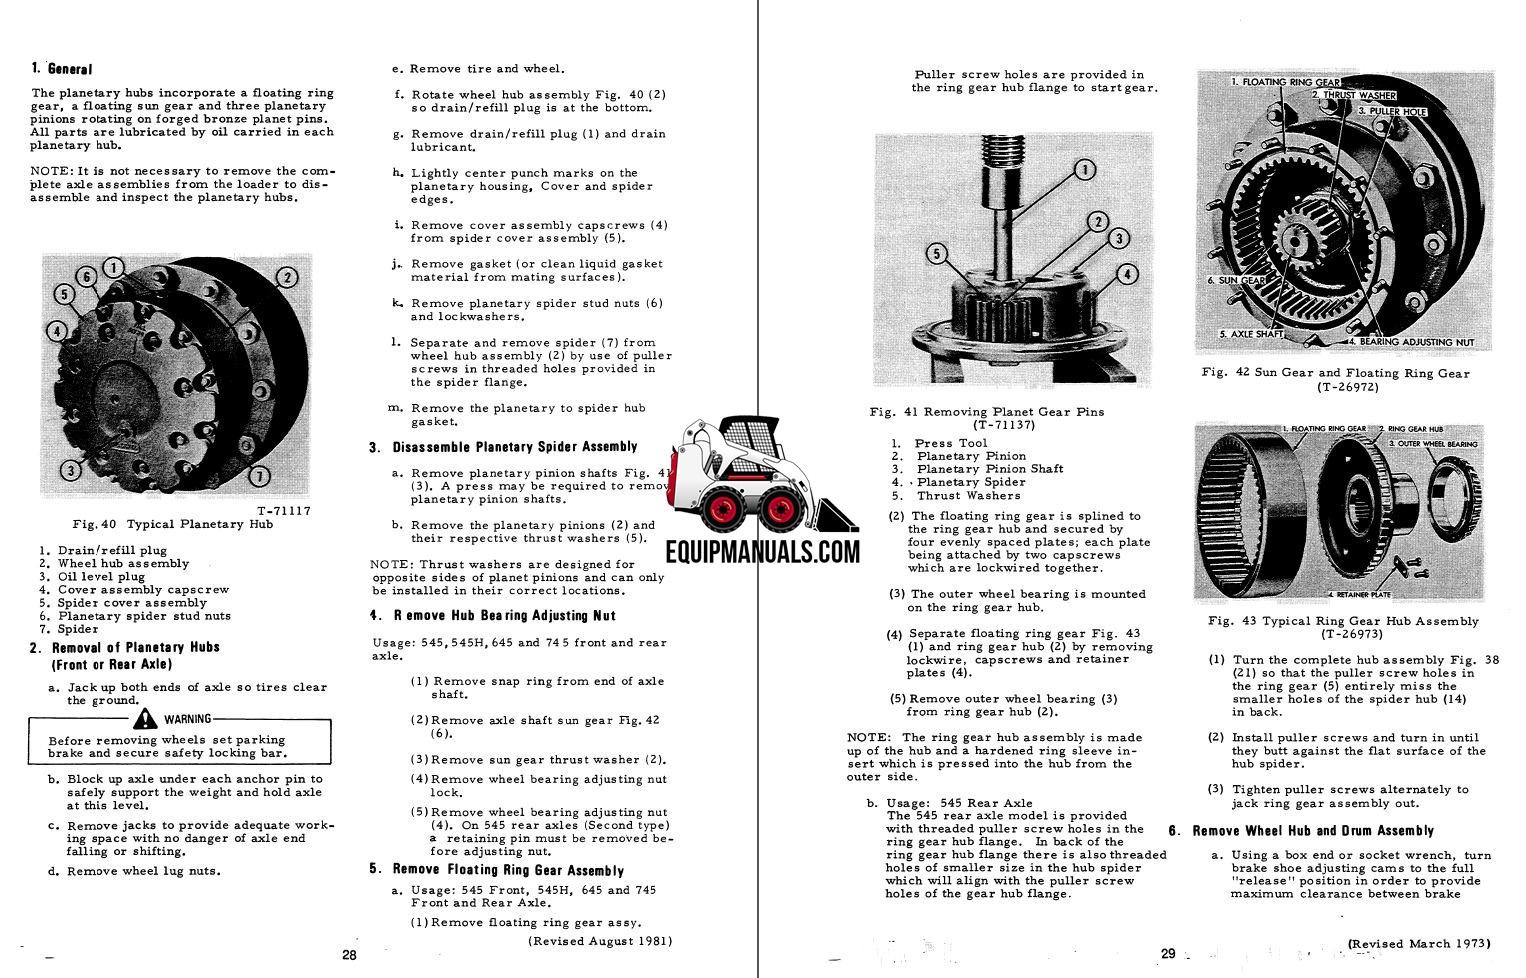 Fiat Allis FR160 Wheel Loader Complete Service Manual